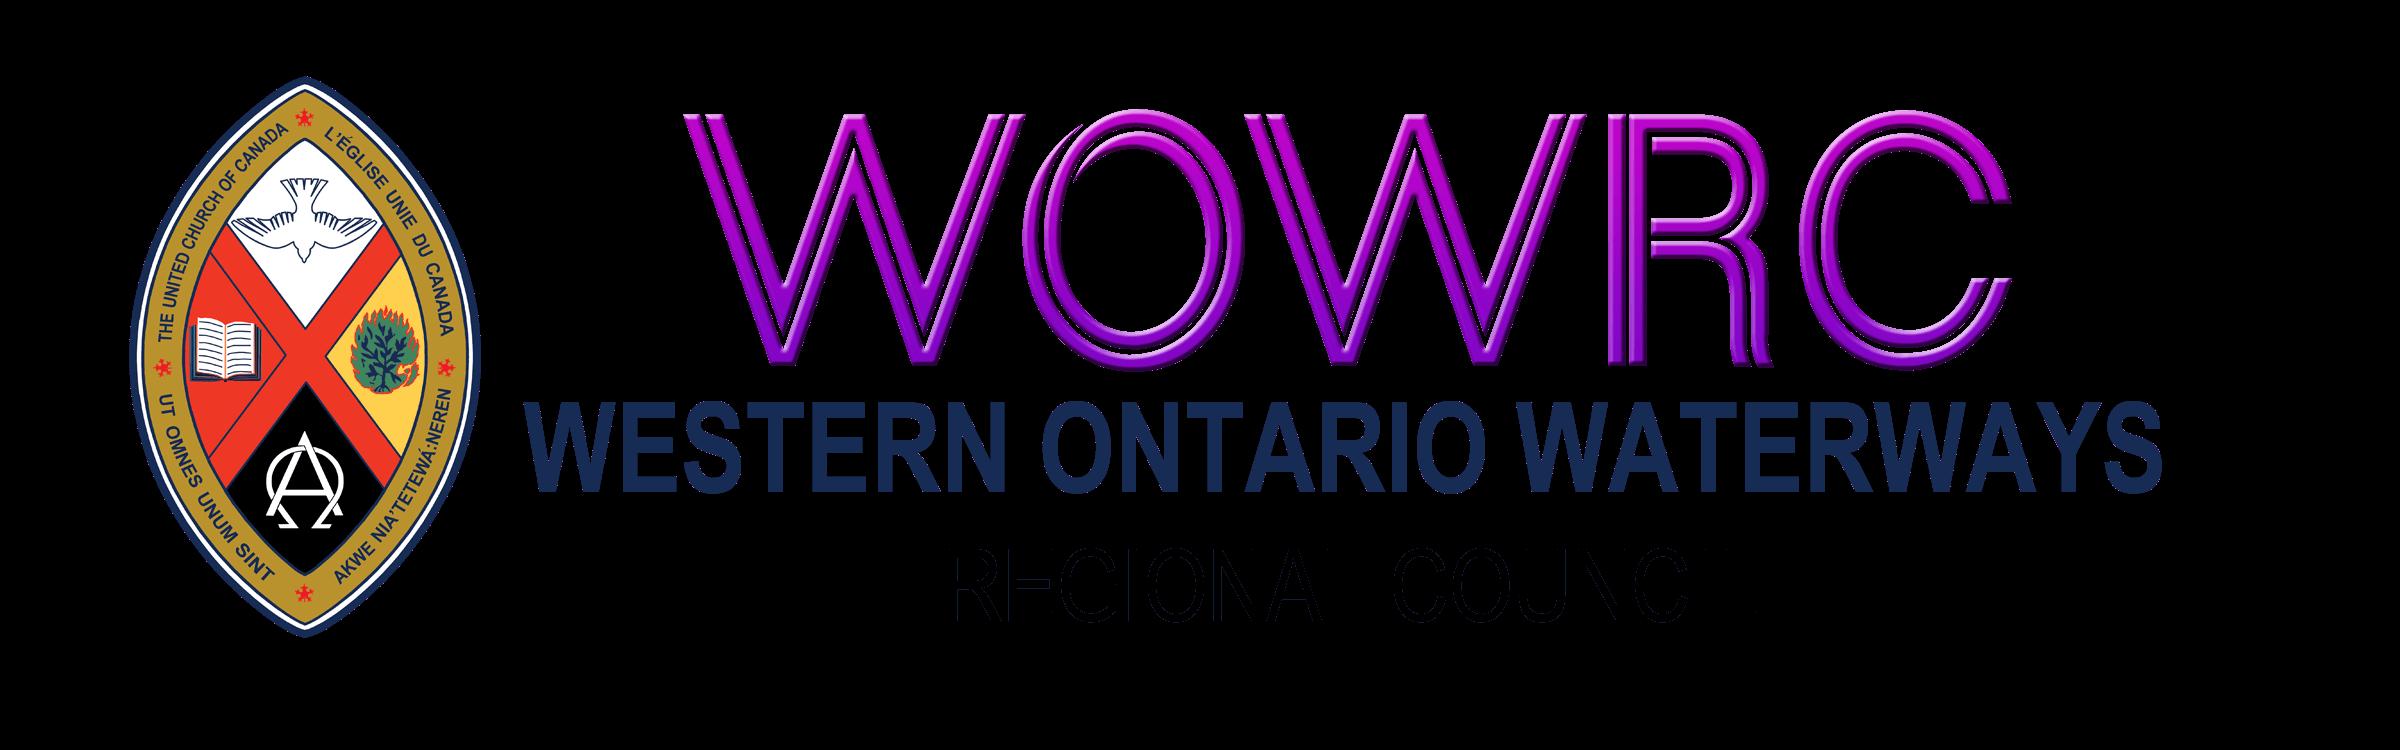 Western Ontario Waterways Regional Council